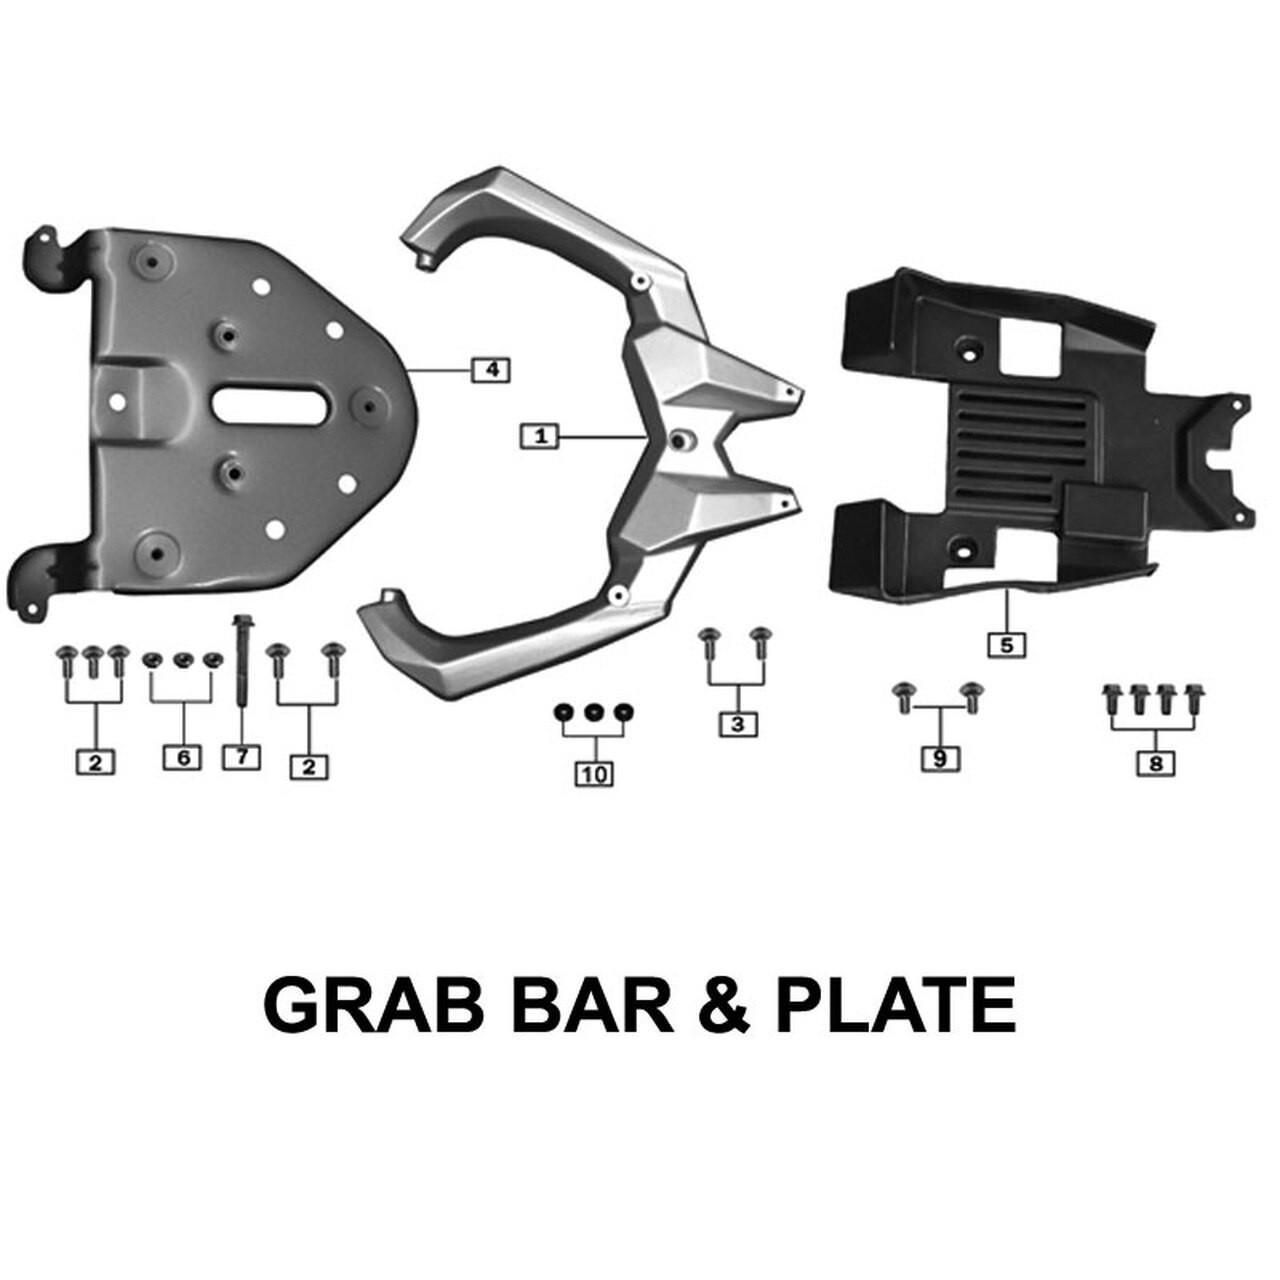 REAR GRAB BAR & PLATE